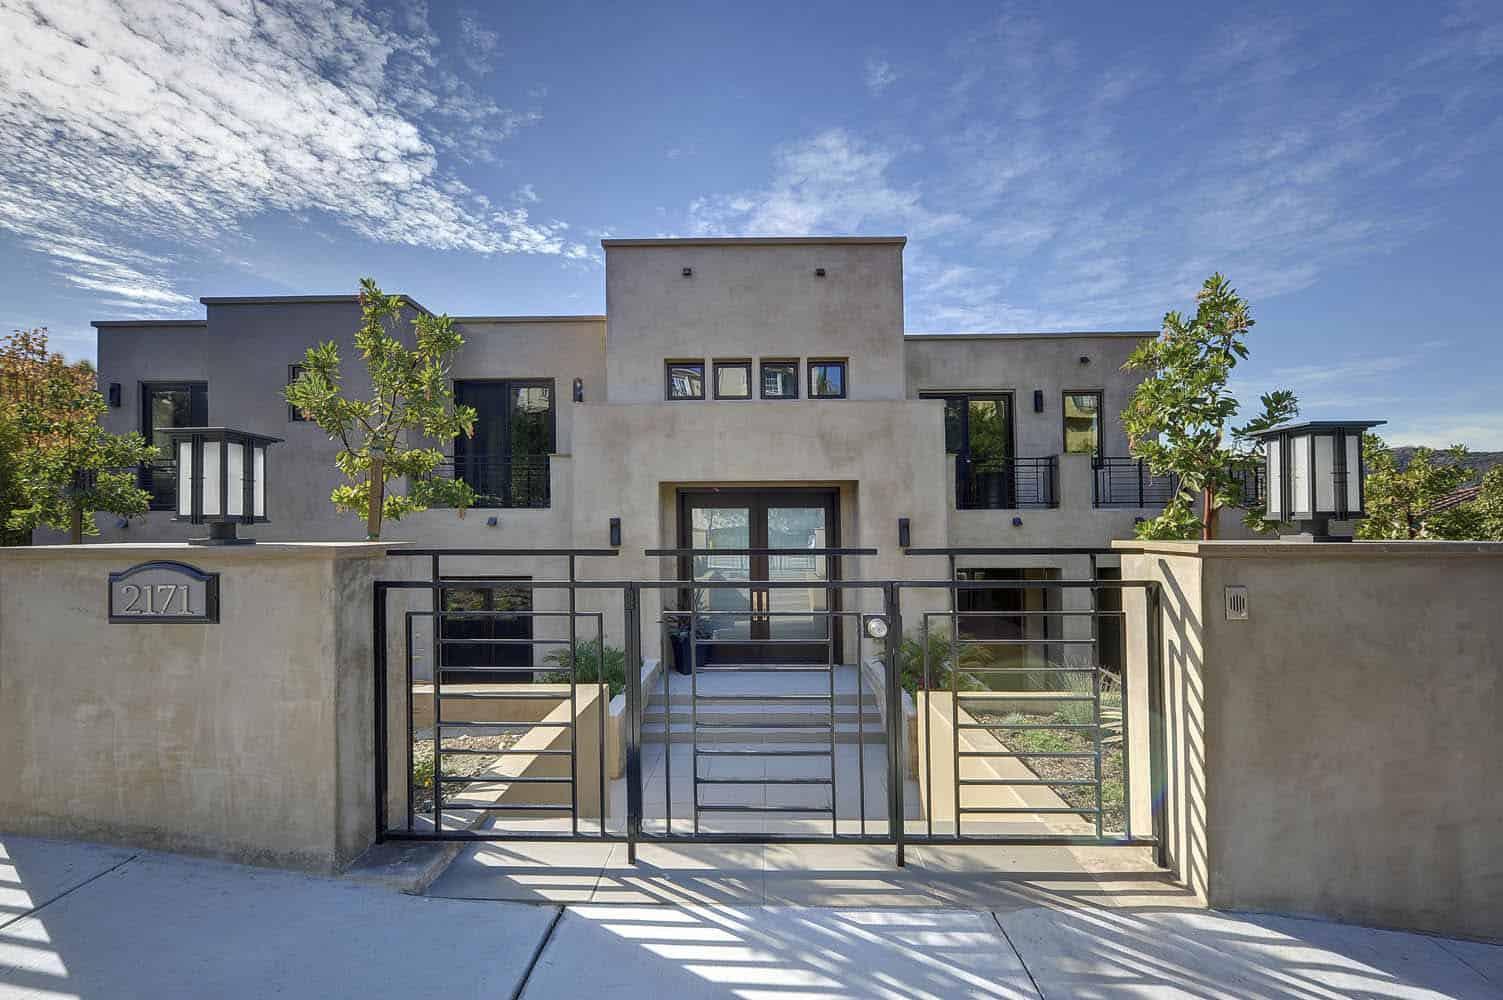 Sheringham Lane Residence in Bel Air Crest